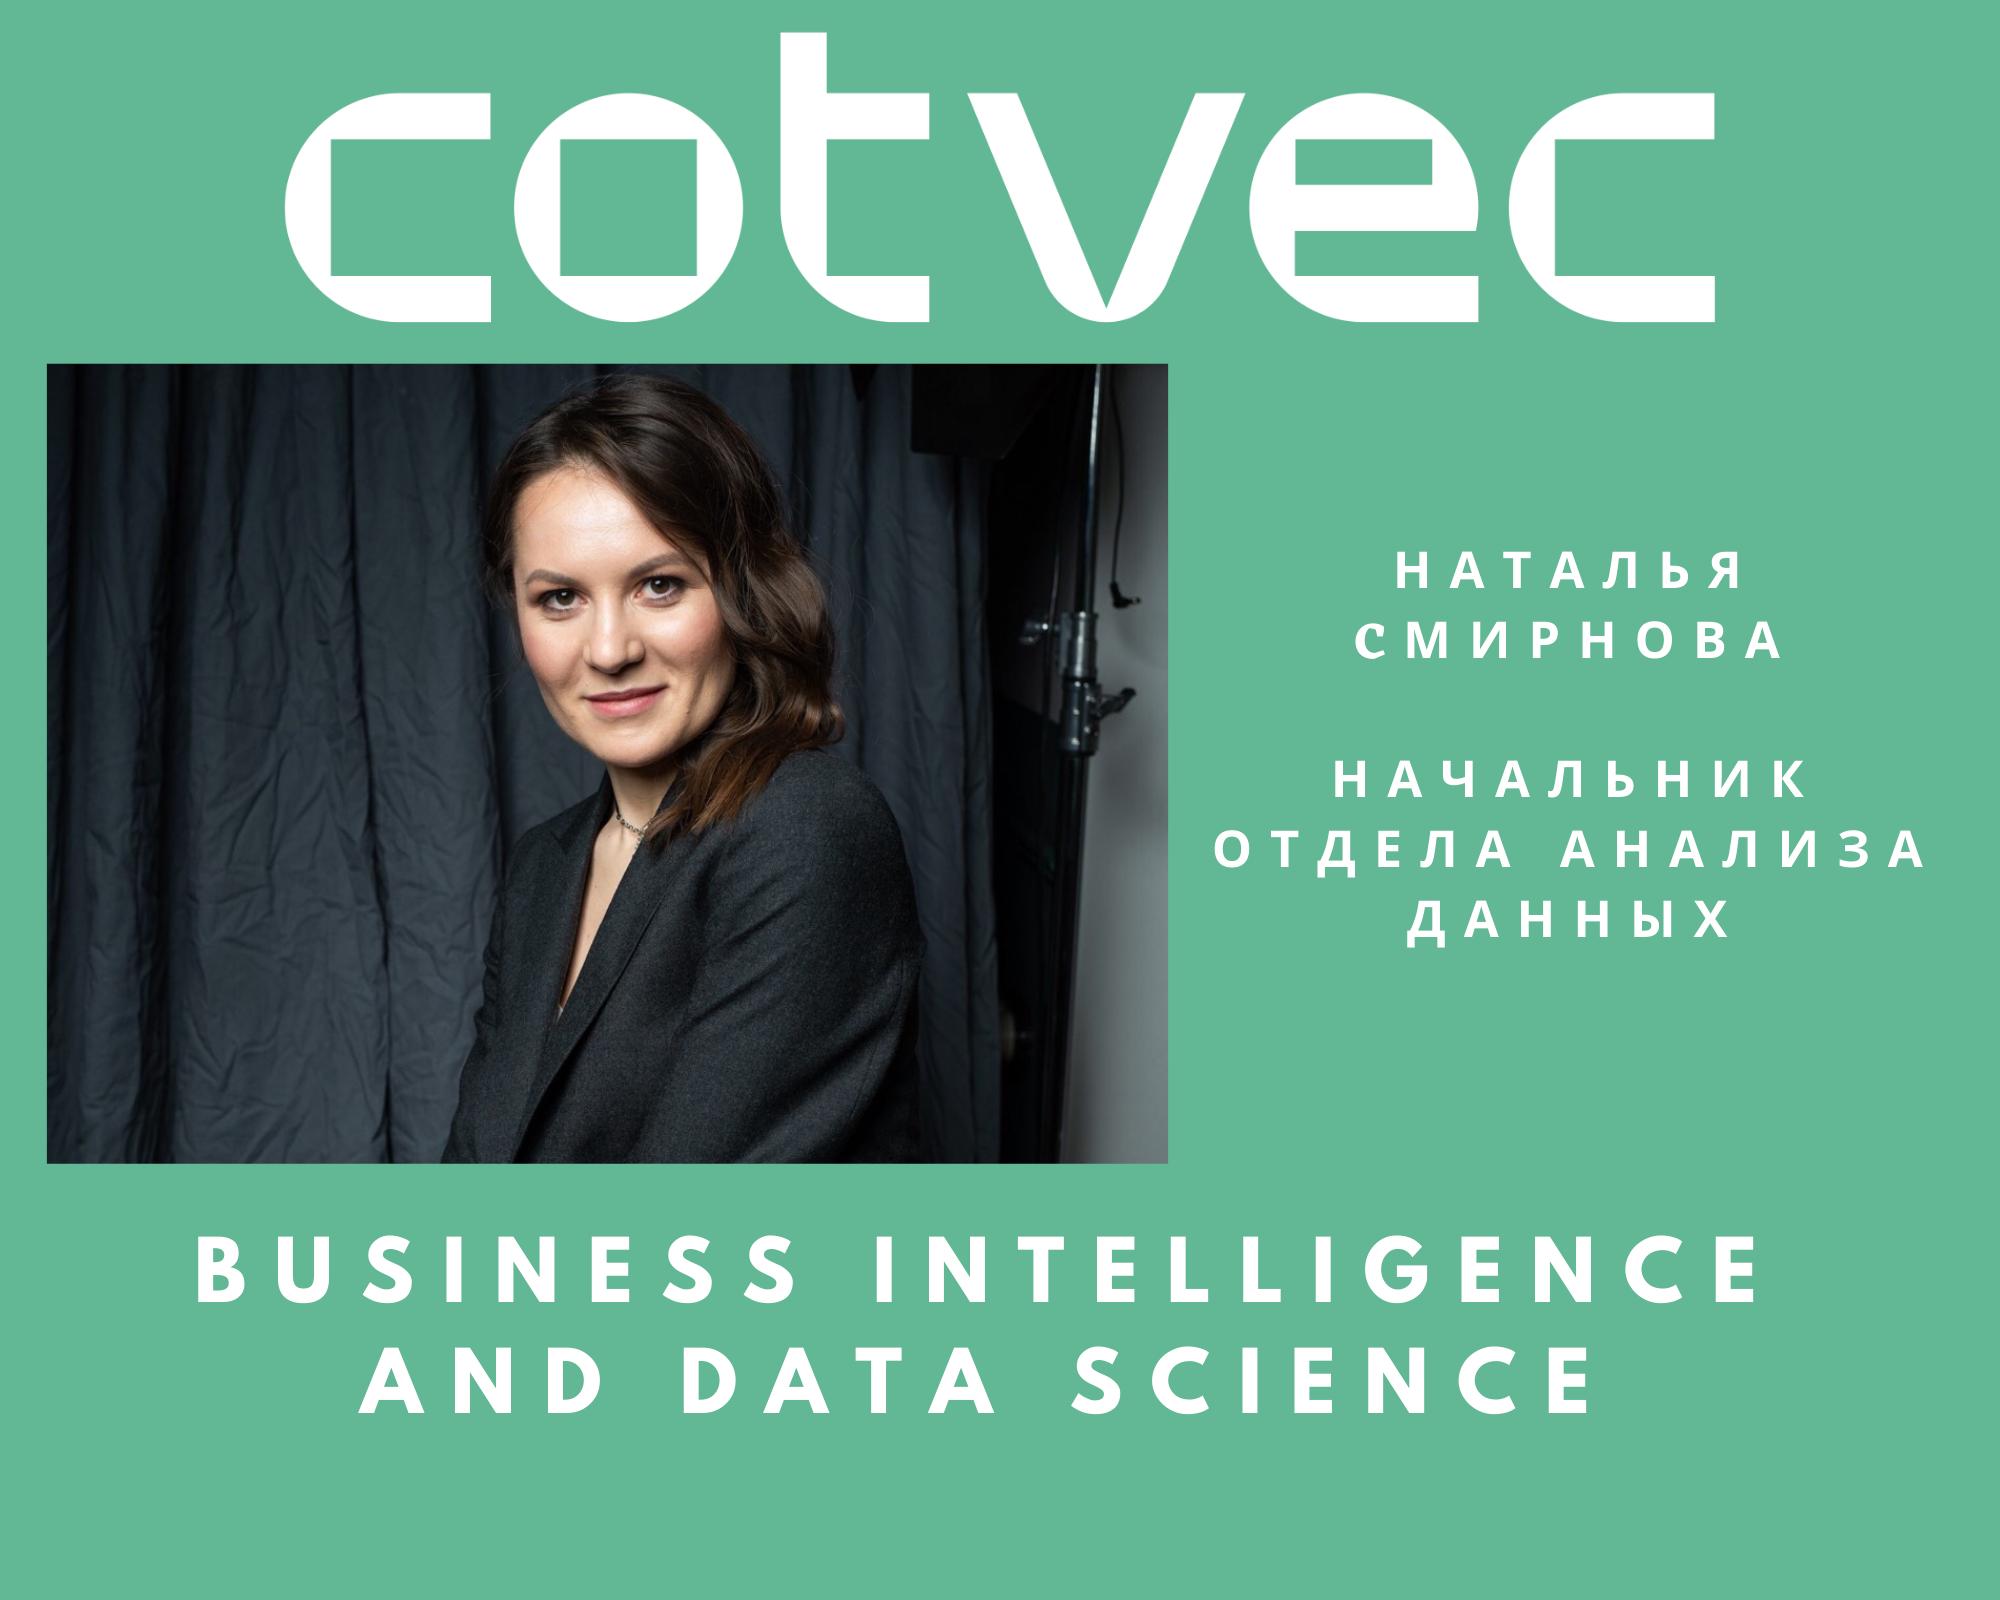 Войти в ИТ: профессия Data Scientist